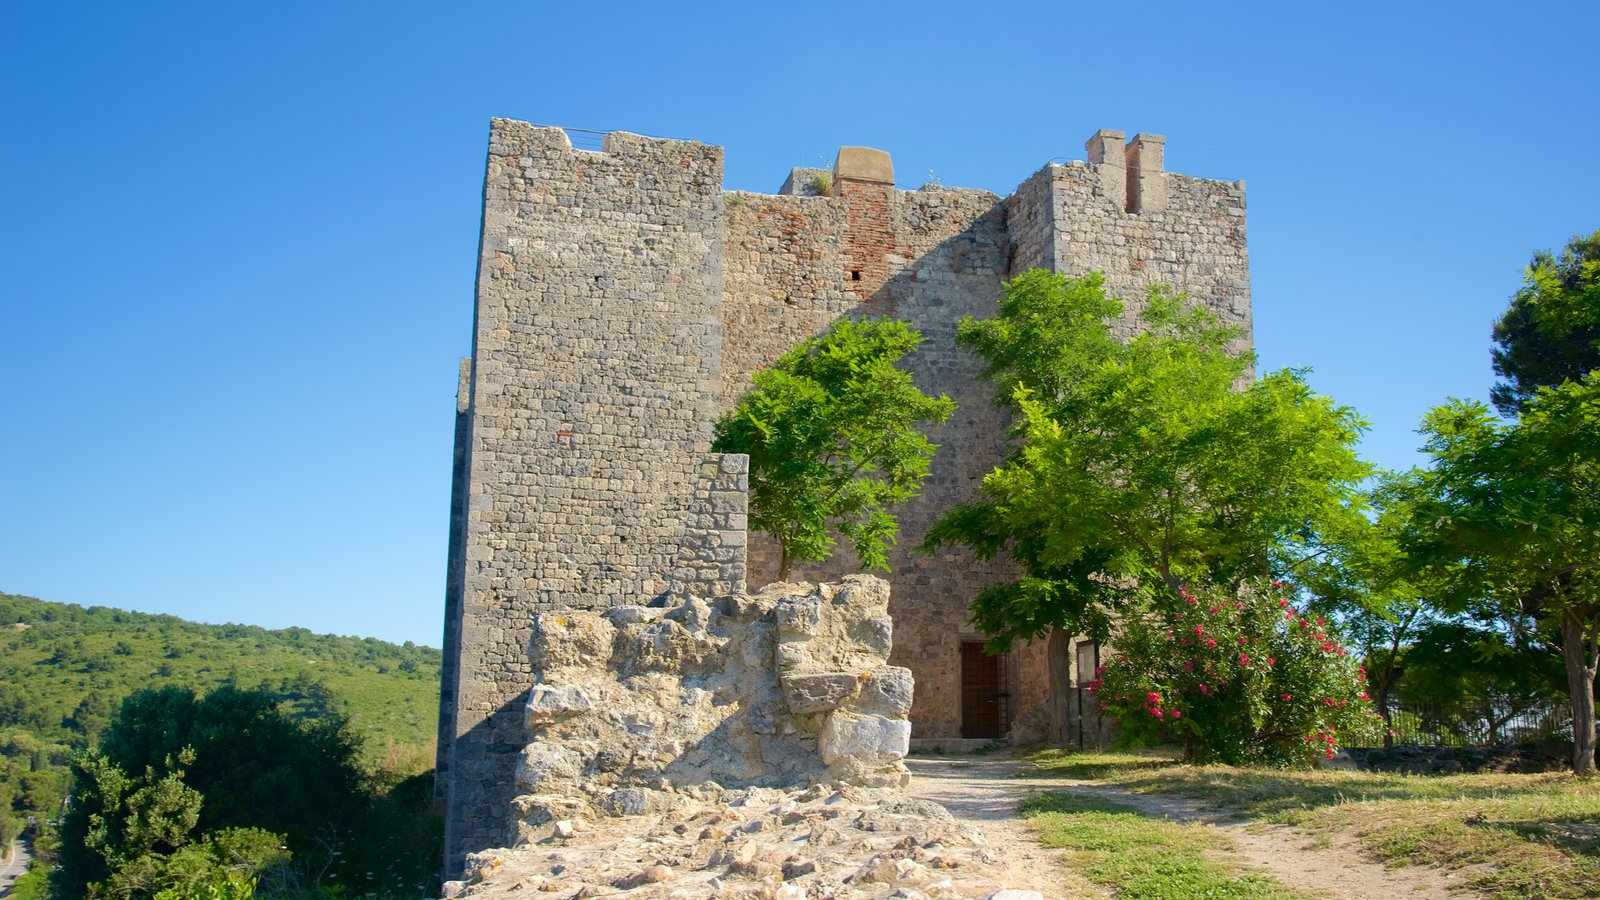 Talamone mostrando um castelo